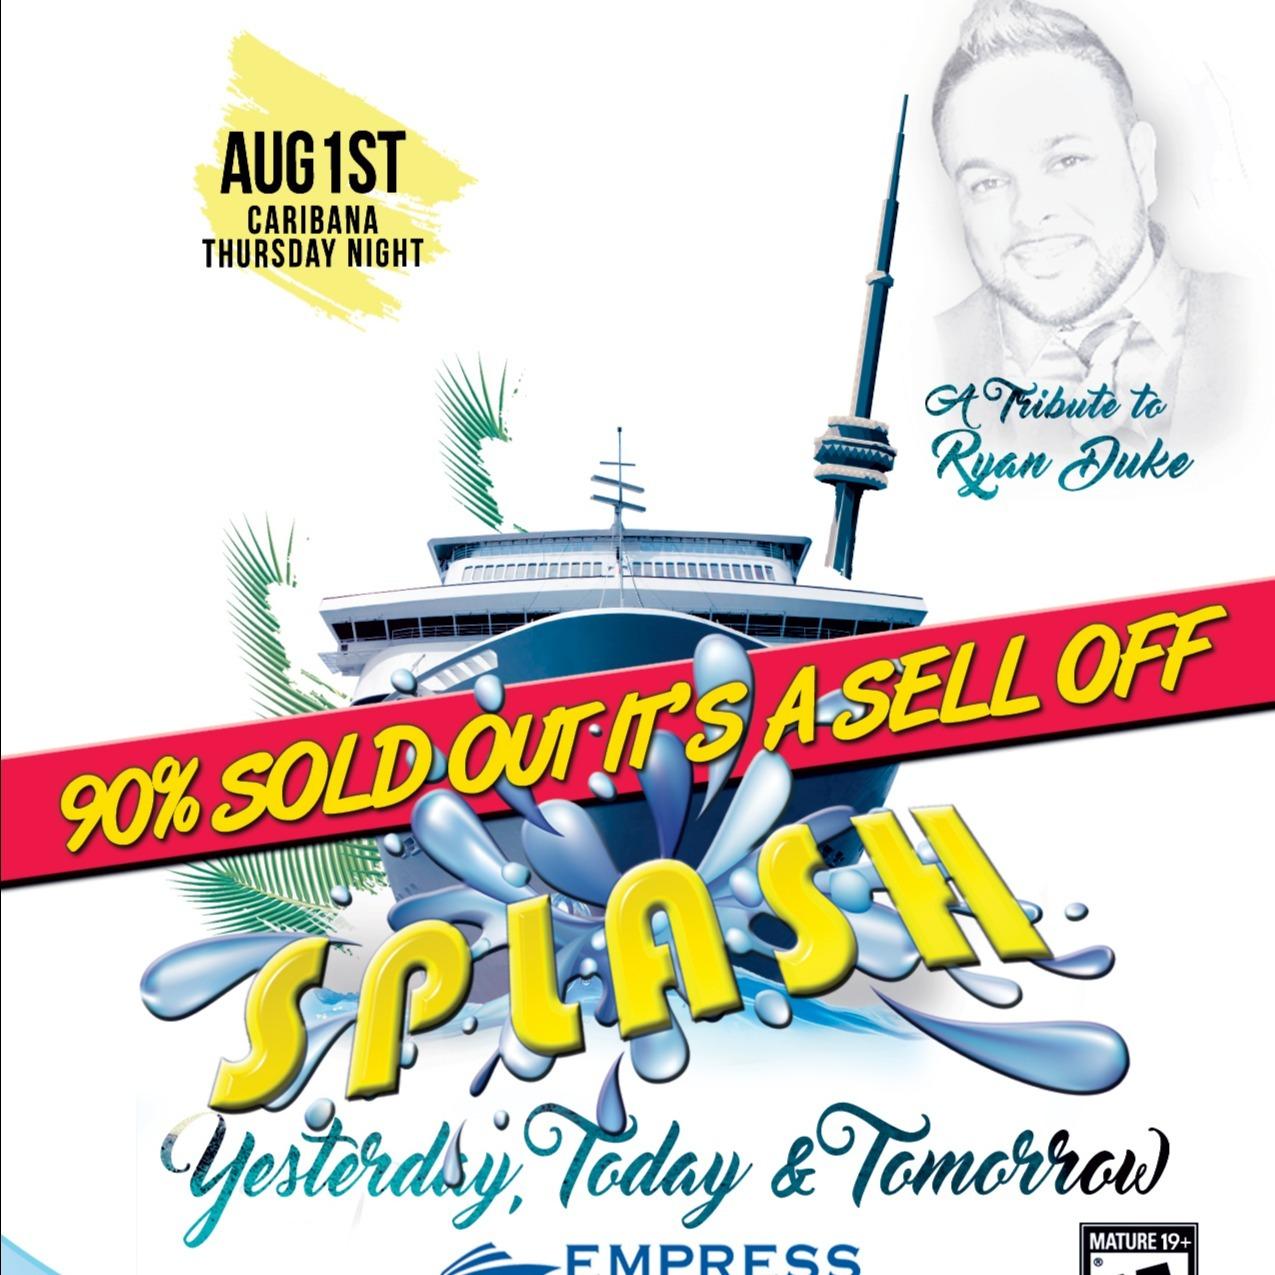 Splash Yesterday, Today & Tomorrow